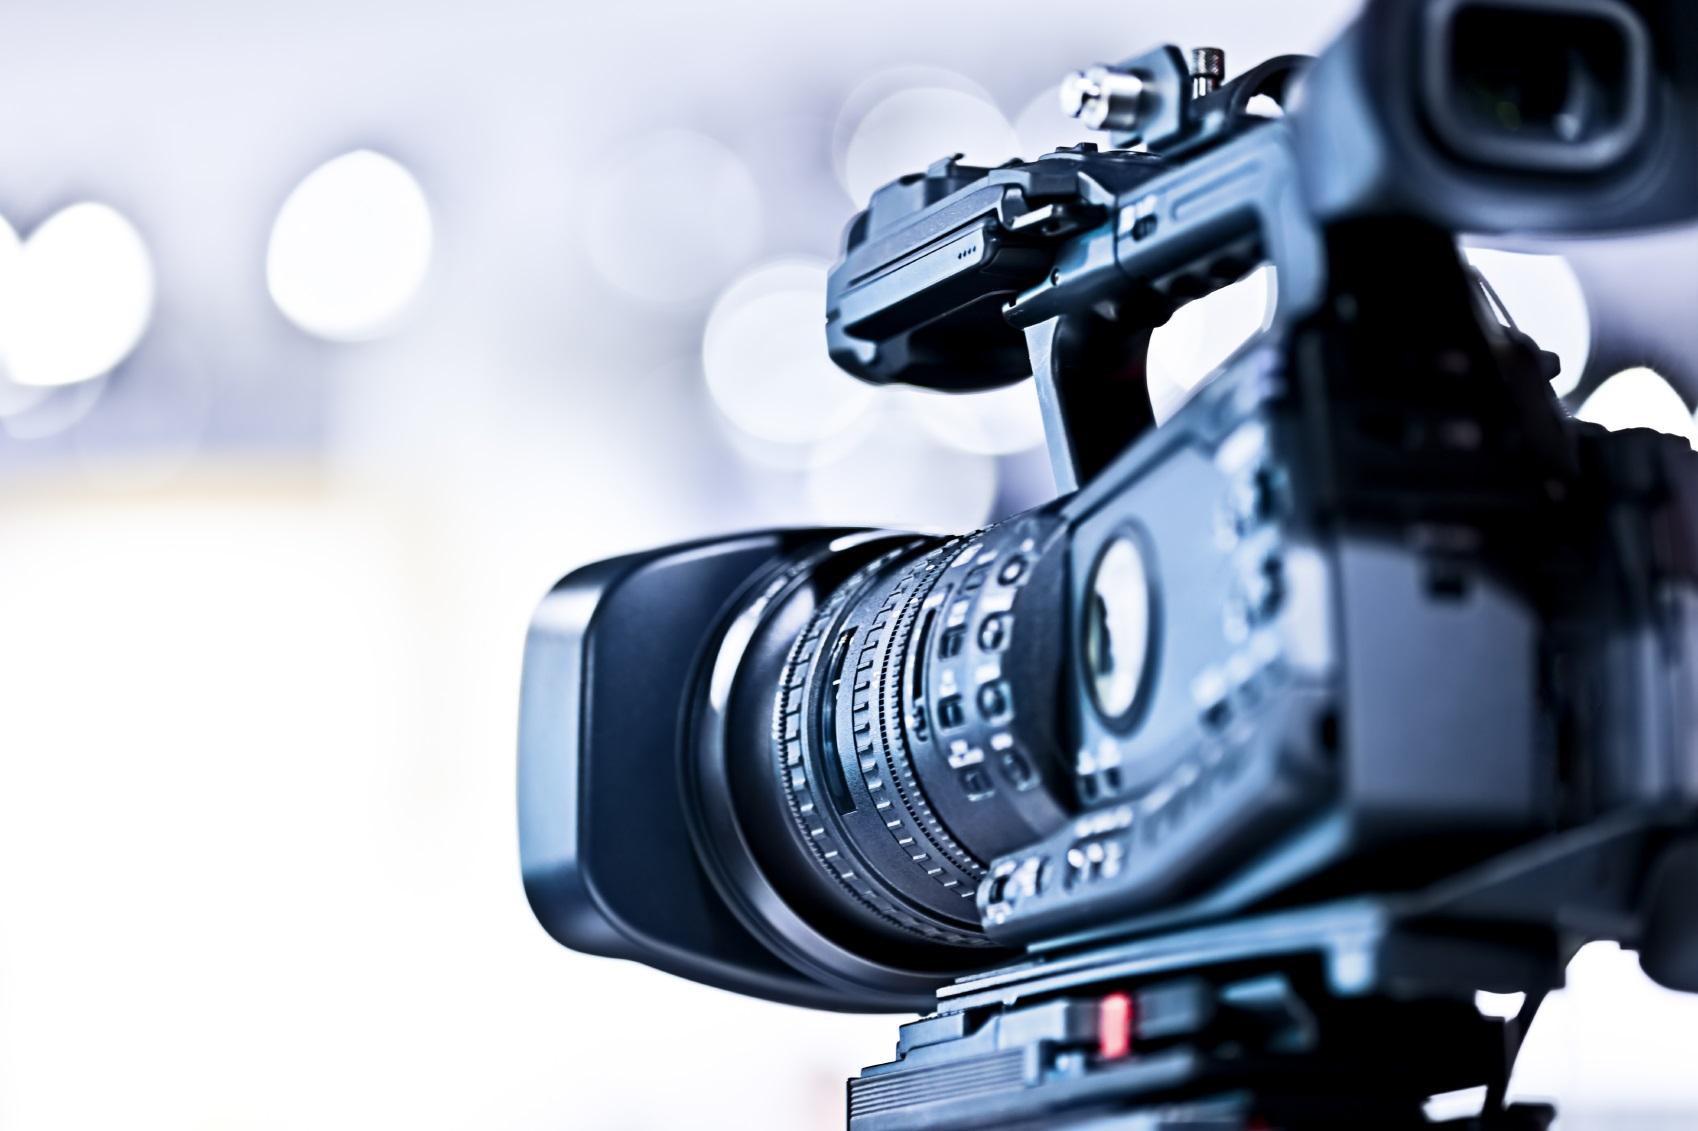 Tanıtım Filmi ve Klip Çekimi Yaparken Dikkat Edilmesi Gerekenler